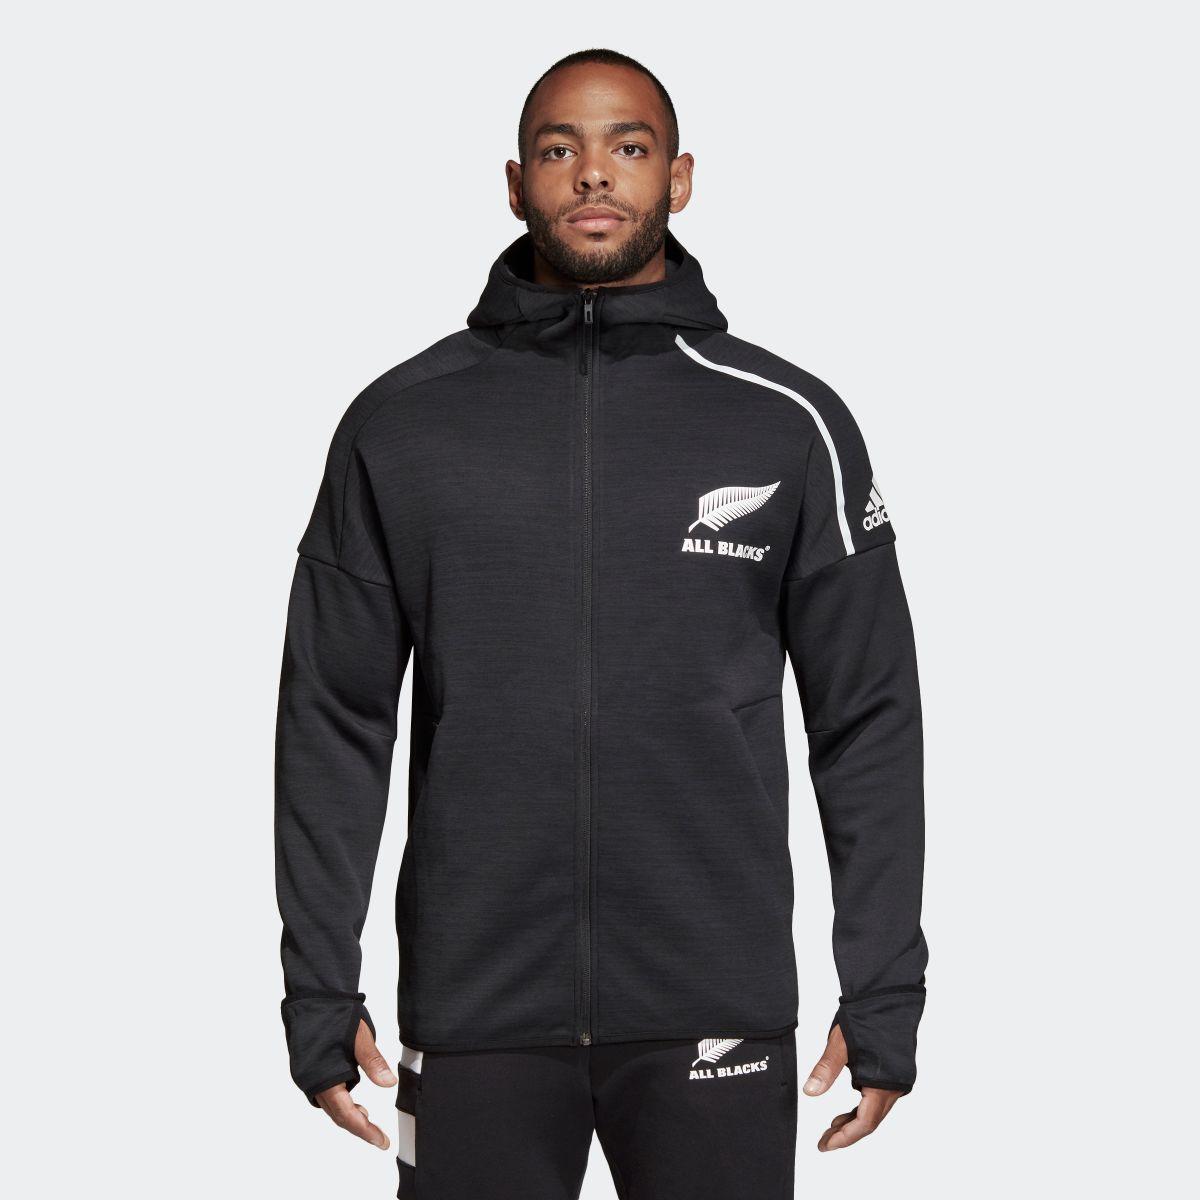 【公式】アディダス adidas オールブラックス アンセムジャケット メンズ ラグビー ウェア アウター ジャケット CW3147 [ユニフォーム]